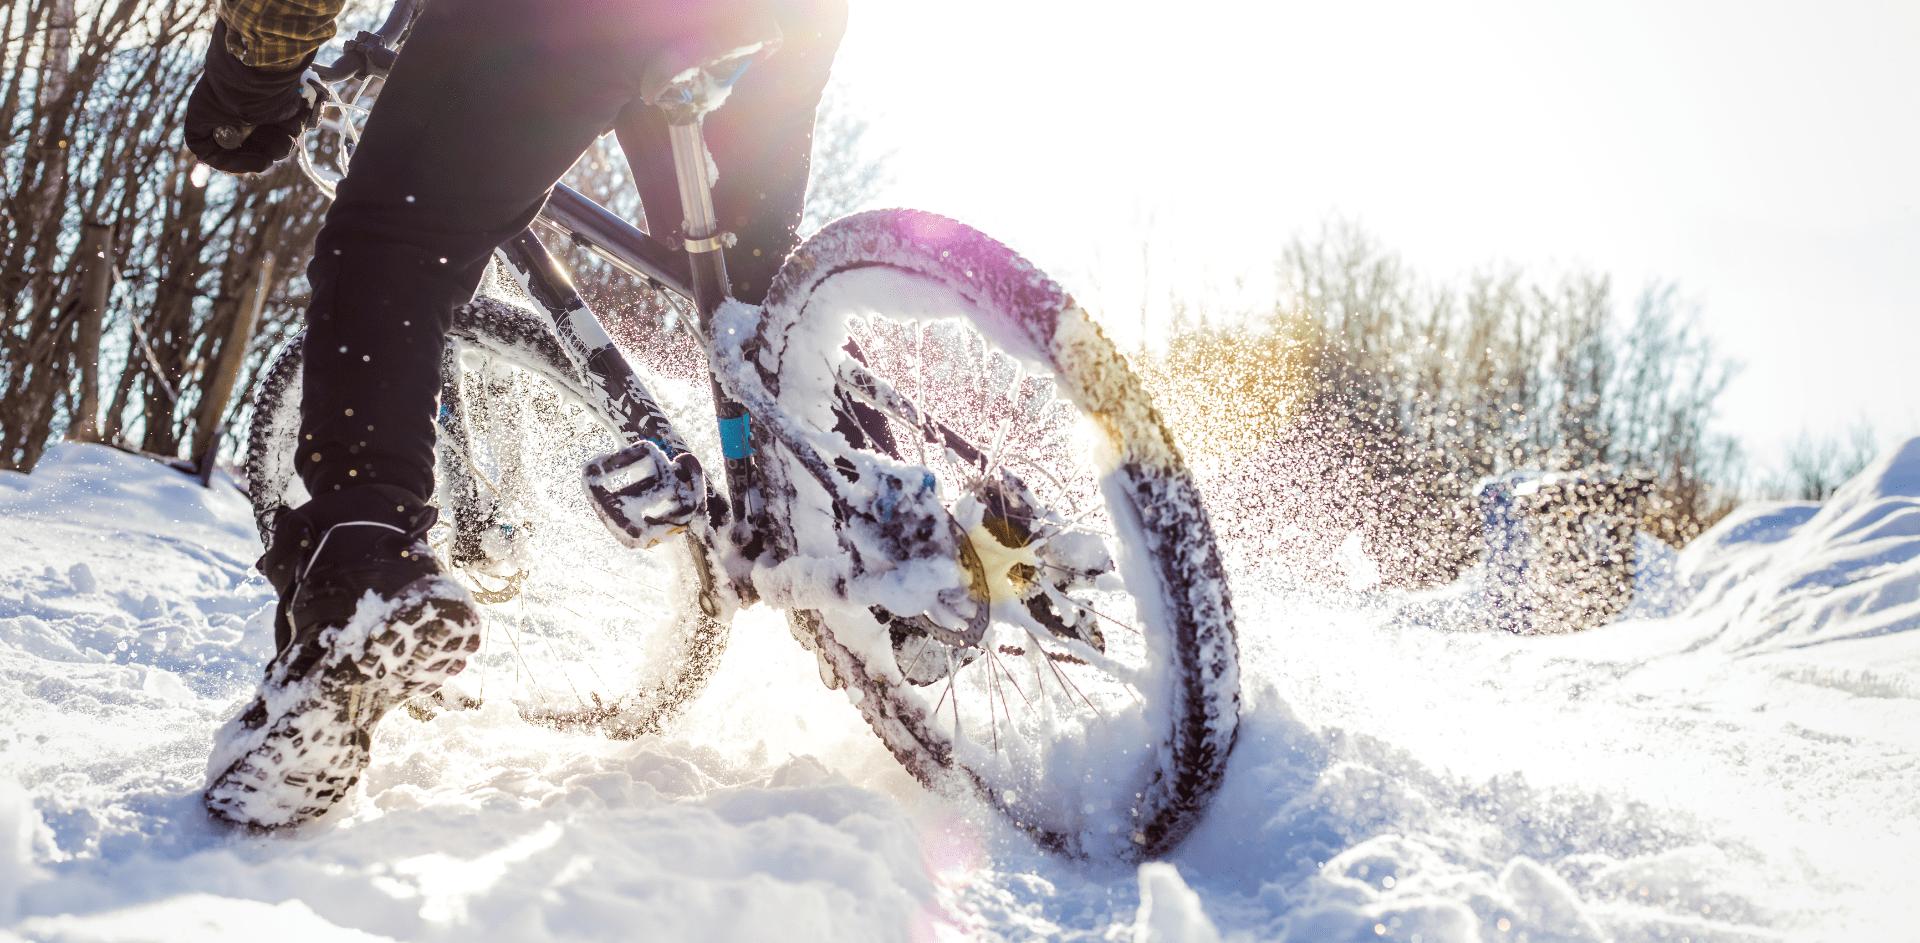 zimowa odzież rowerowa chroni przed zimnem